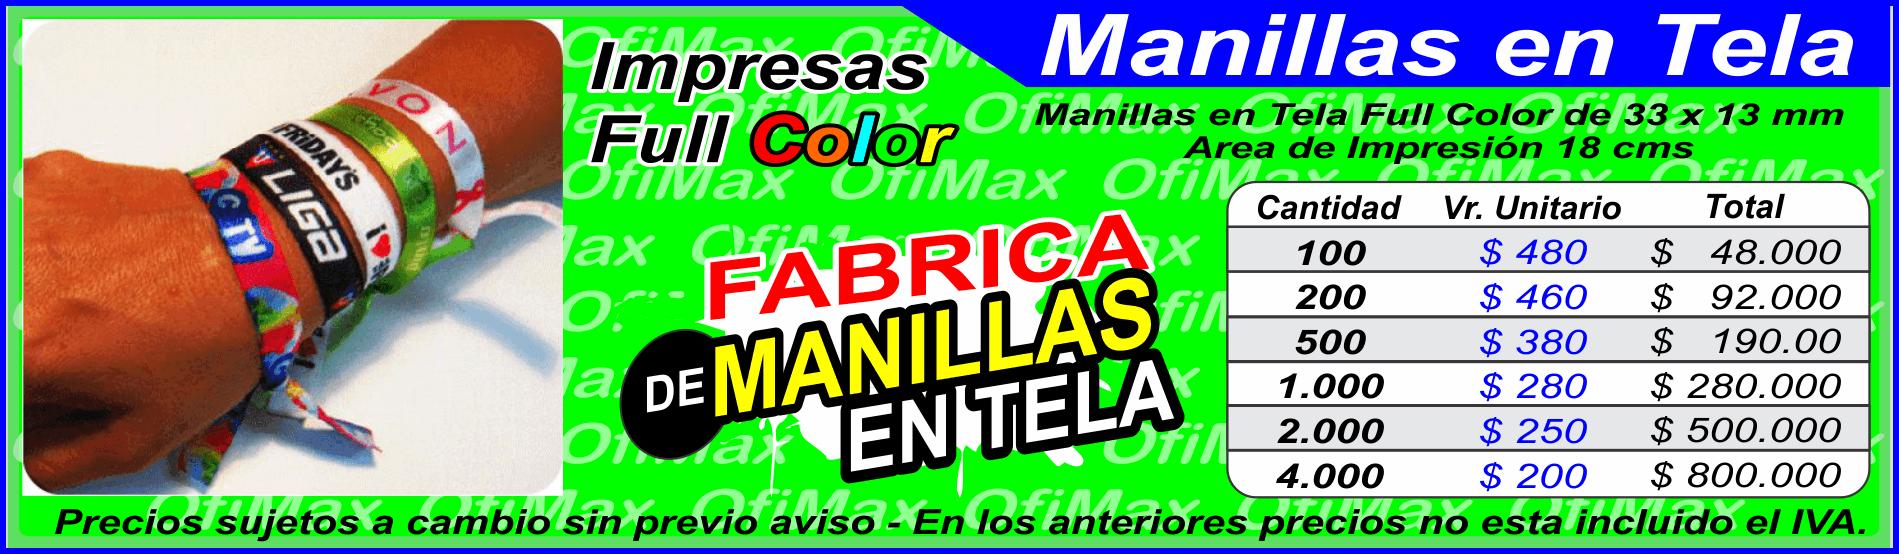 diseño atemporal dc5ea 83c49 Manillas en tela, Brazaletes y manillas publicitarias en ...